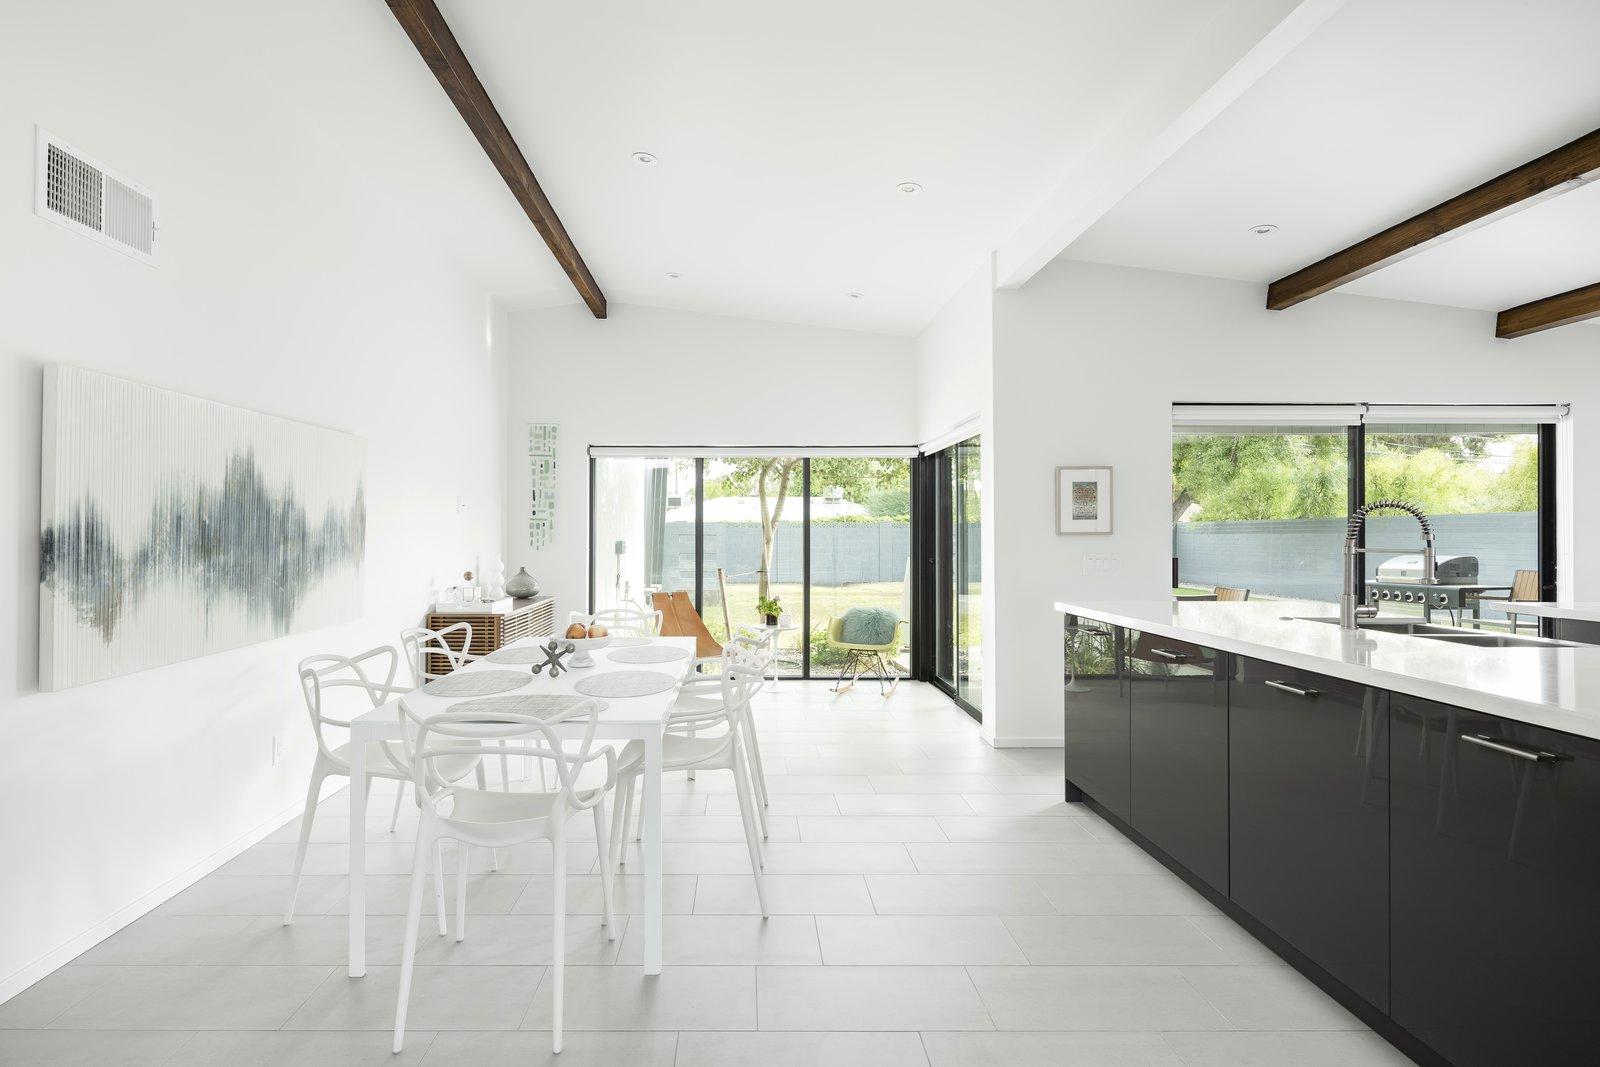 #midcenturymodern #dining #kitchen #interior #phoenix #arizona  Schreiber House by The Ranch Mine